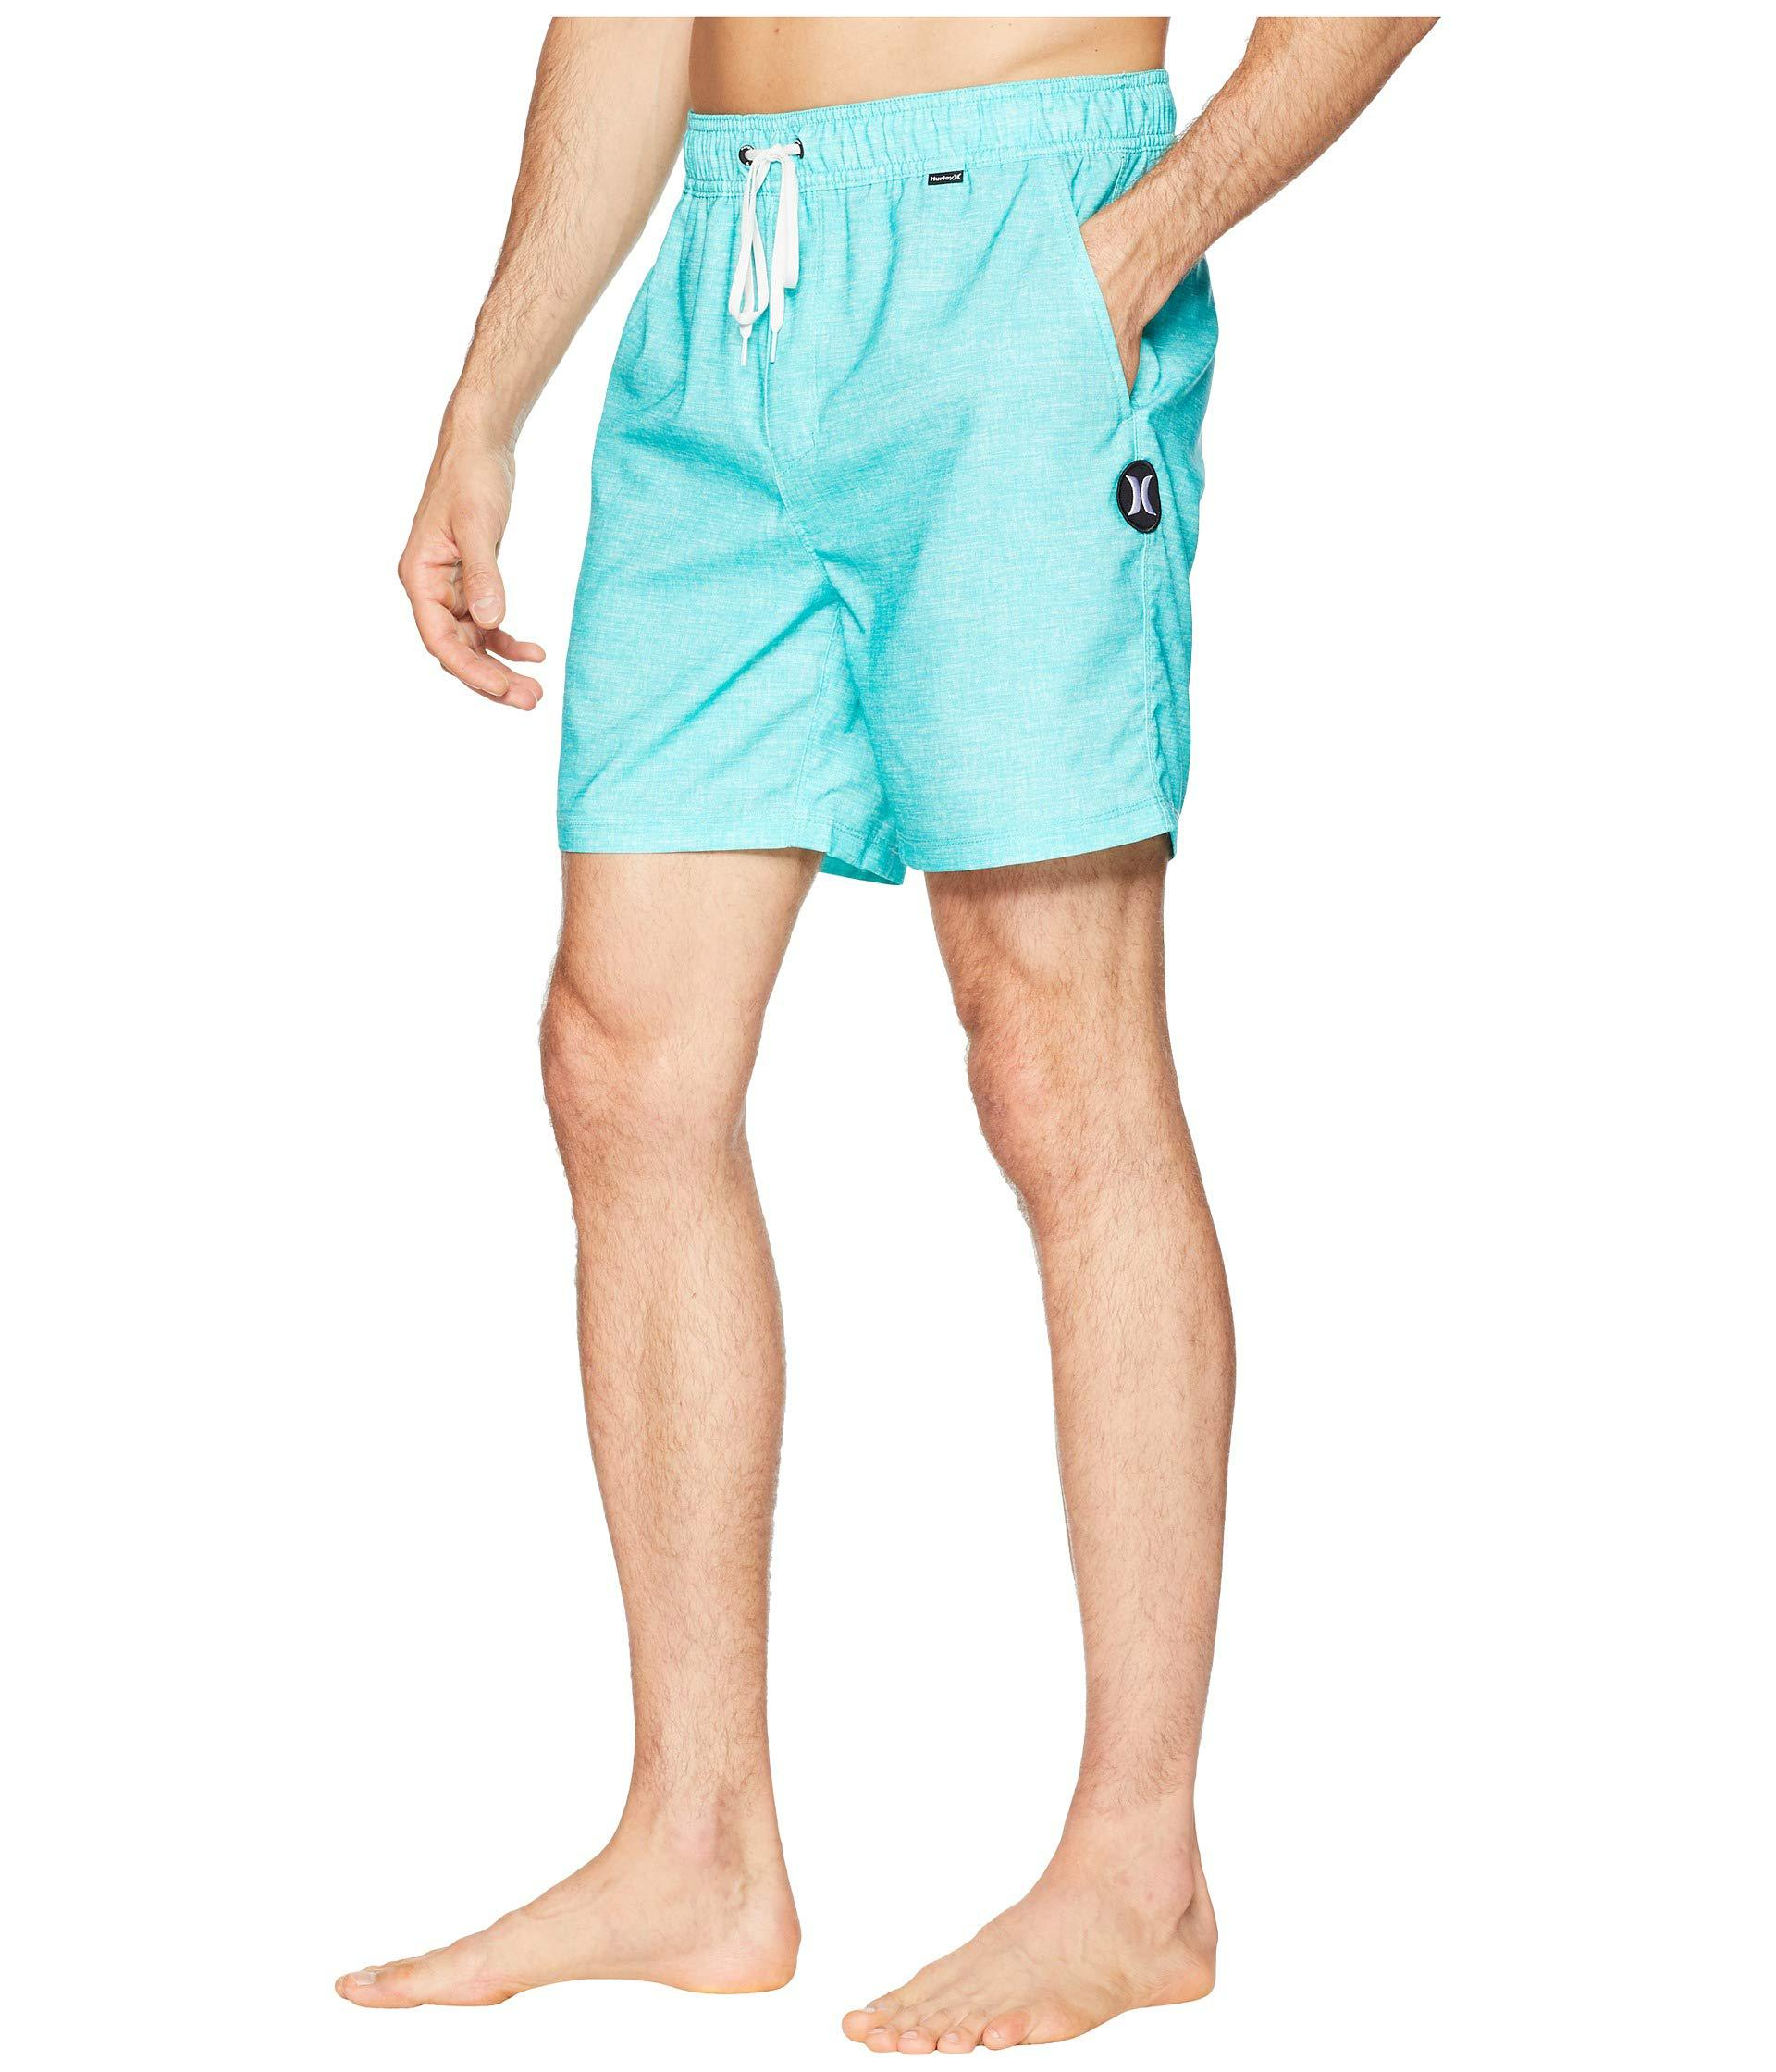 3c4c617ffaea9 Hurley Heather Volley Shorts 17 (aurora Green) Men's Swimwear in ...